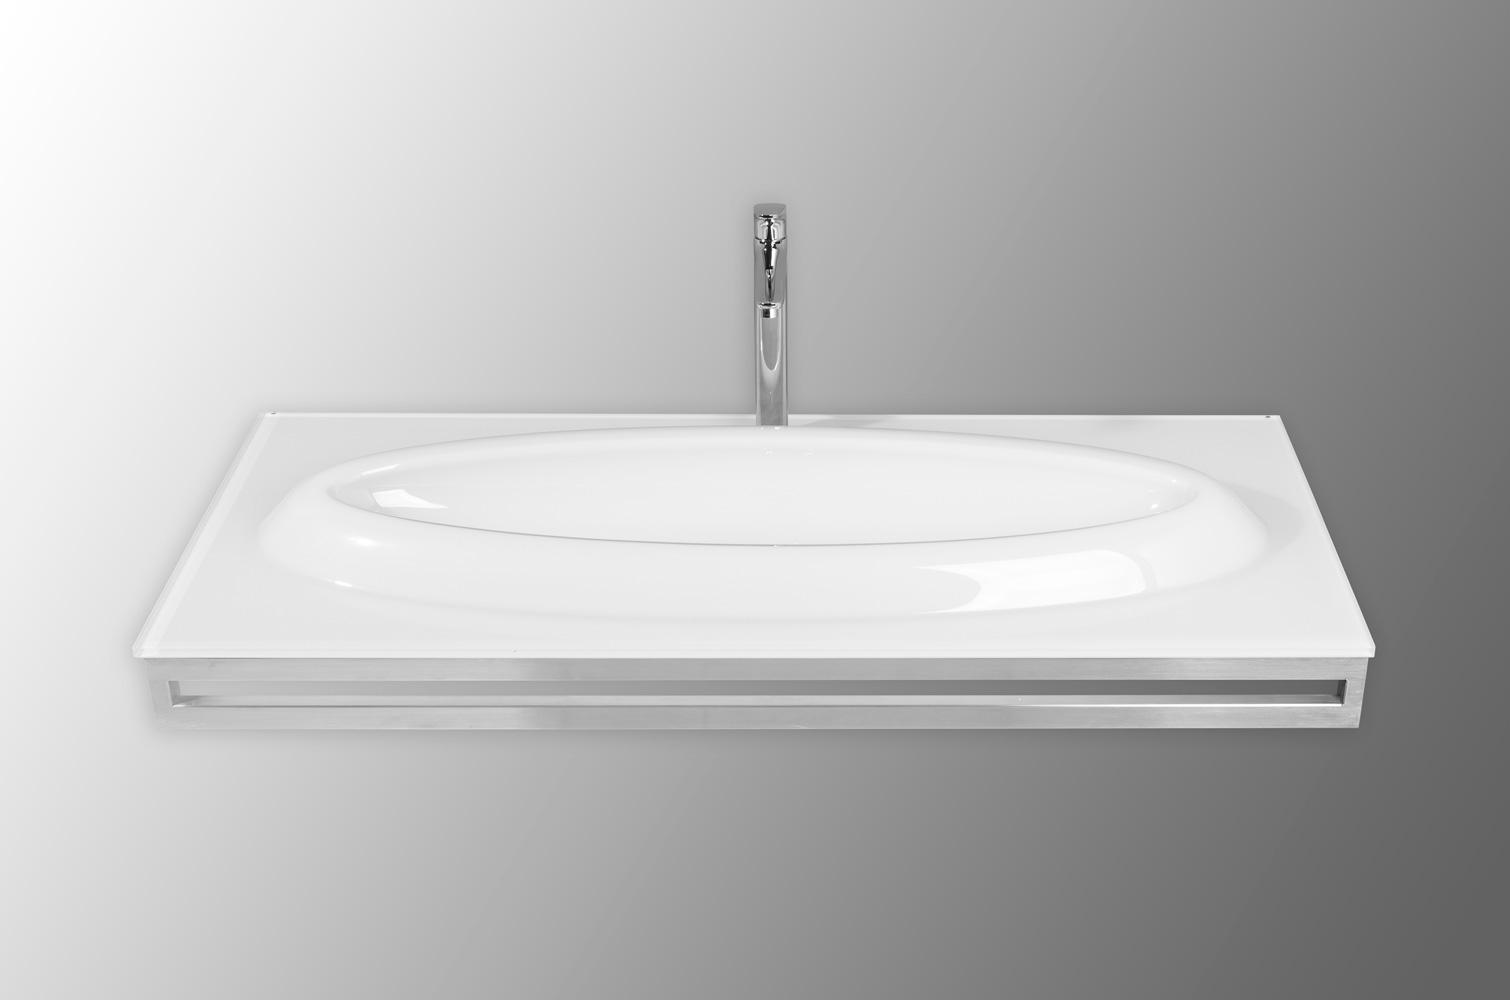 Special glastvättställ på stålställning 120cm